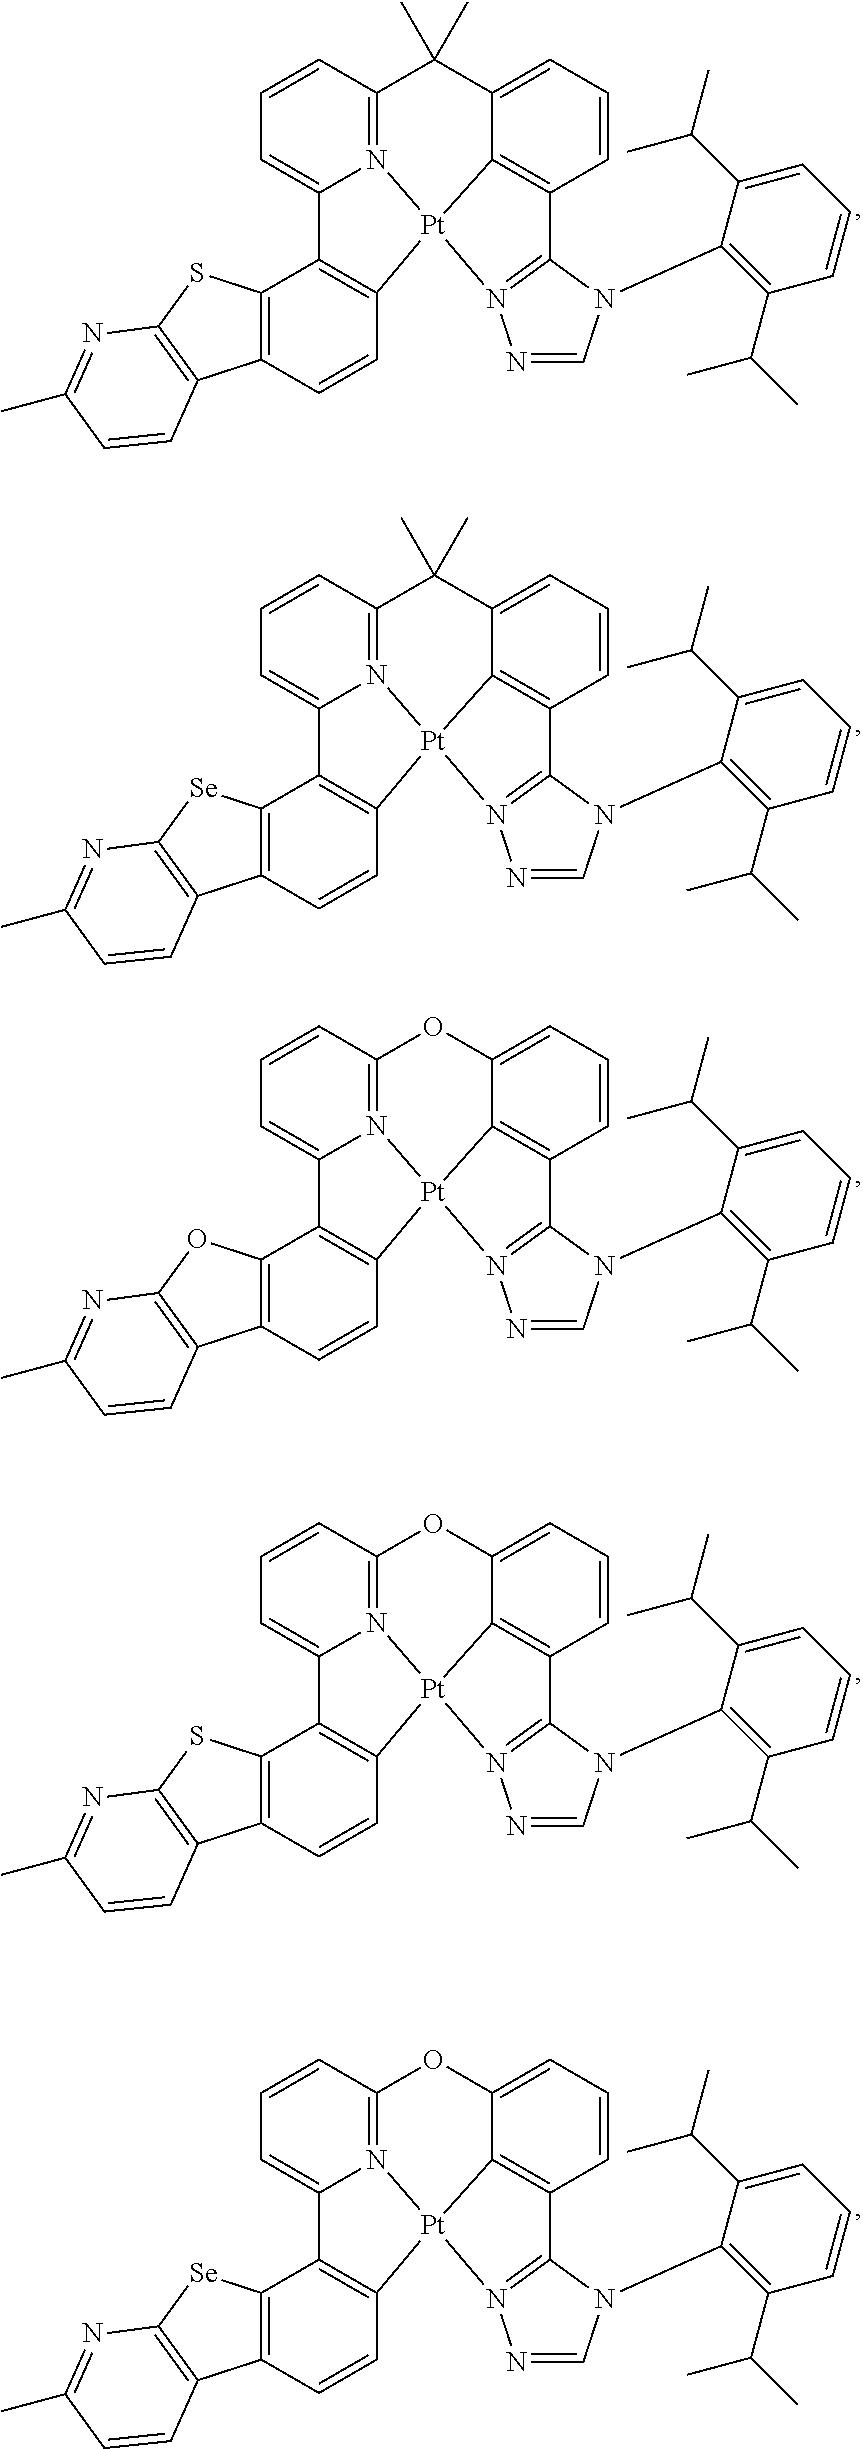 Figure US09871214-20180116-C00284